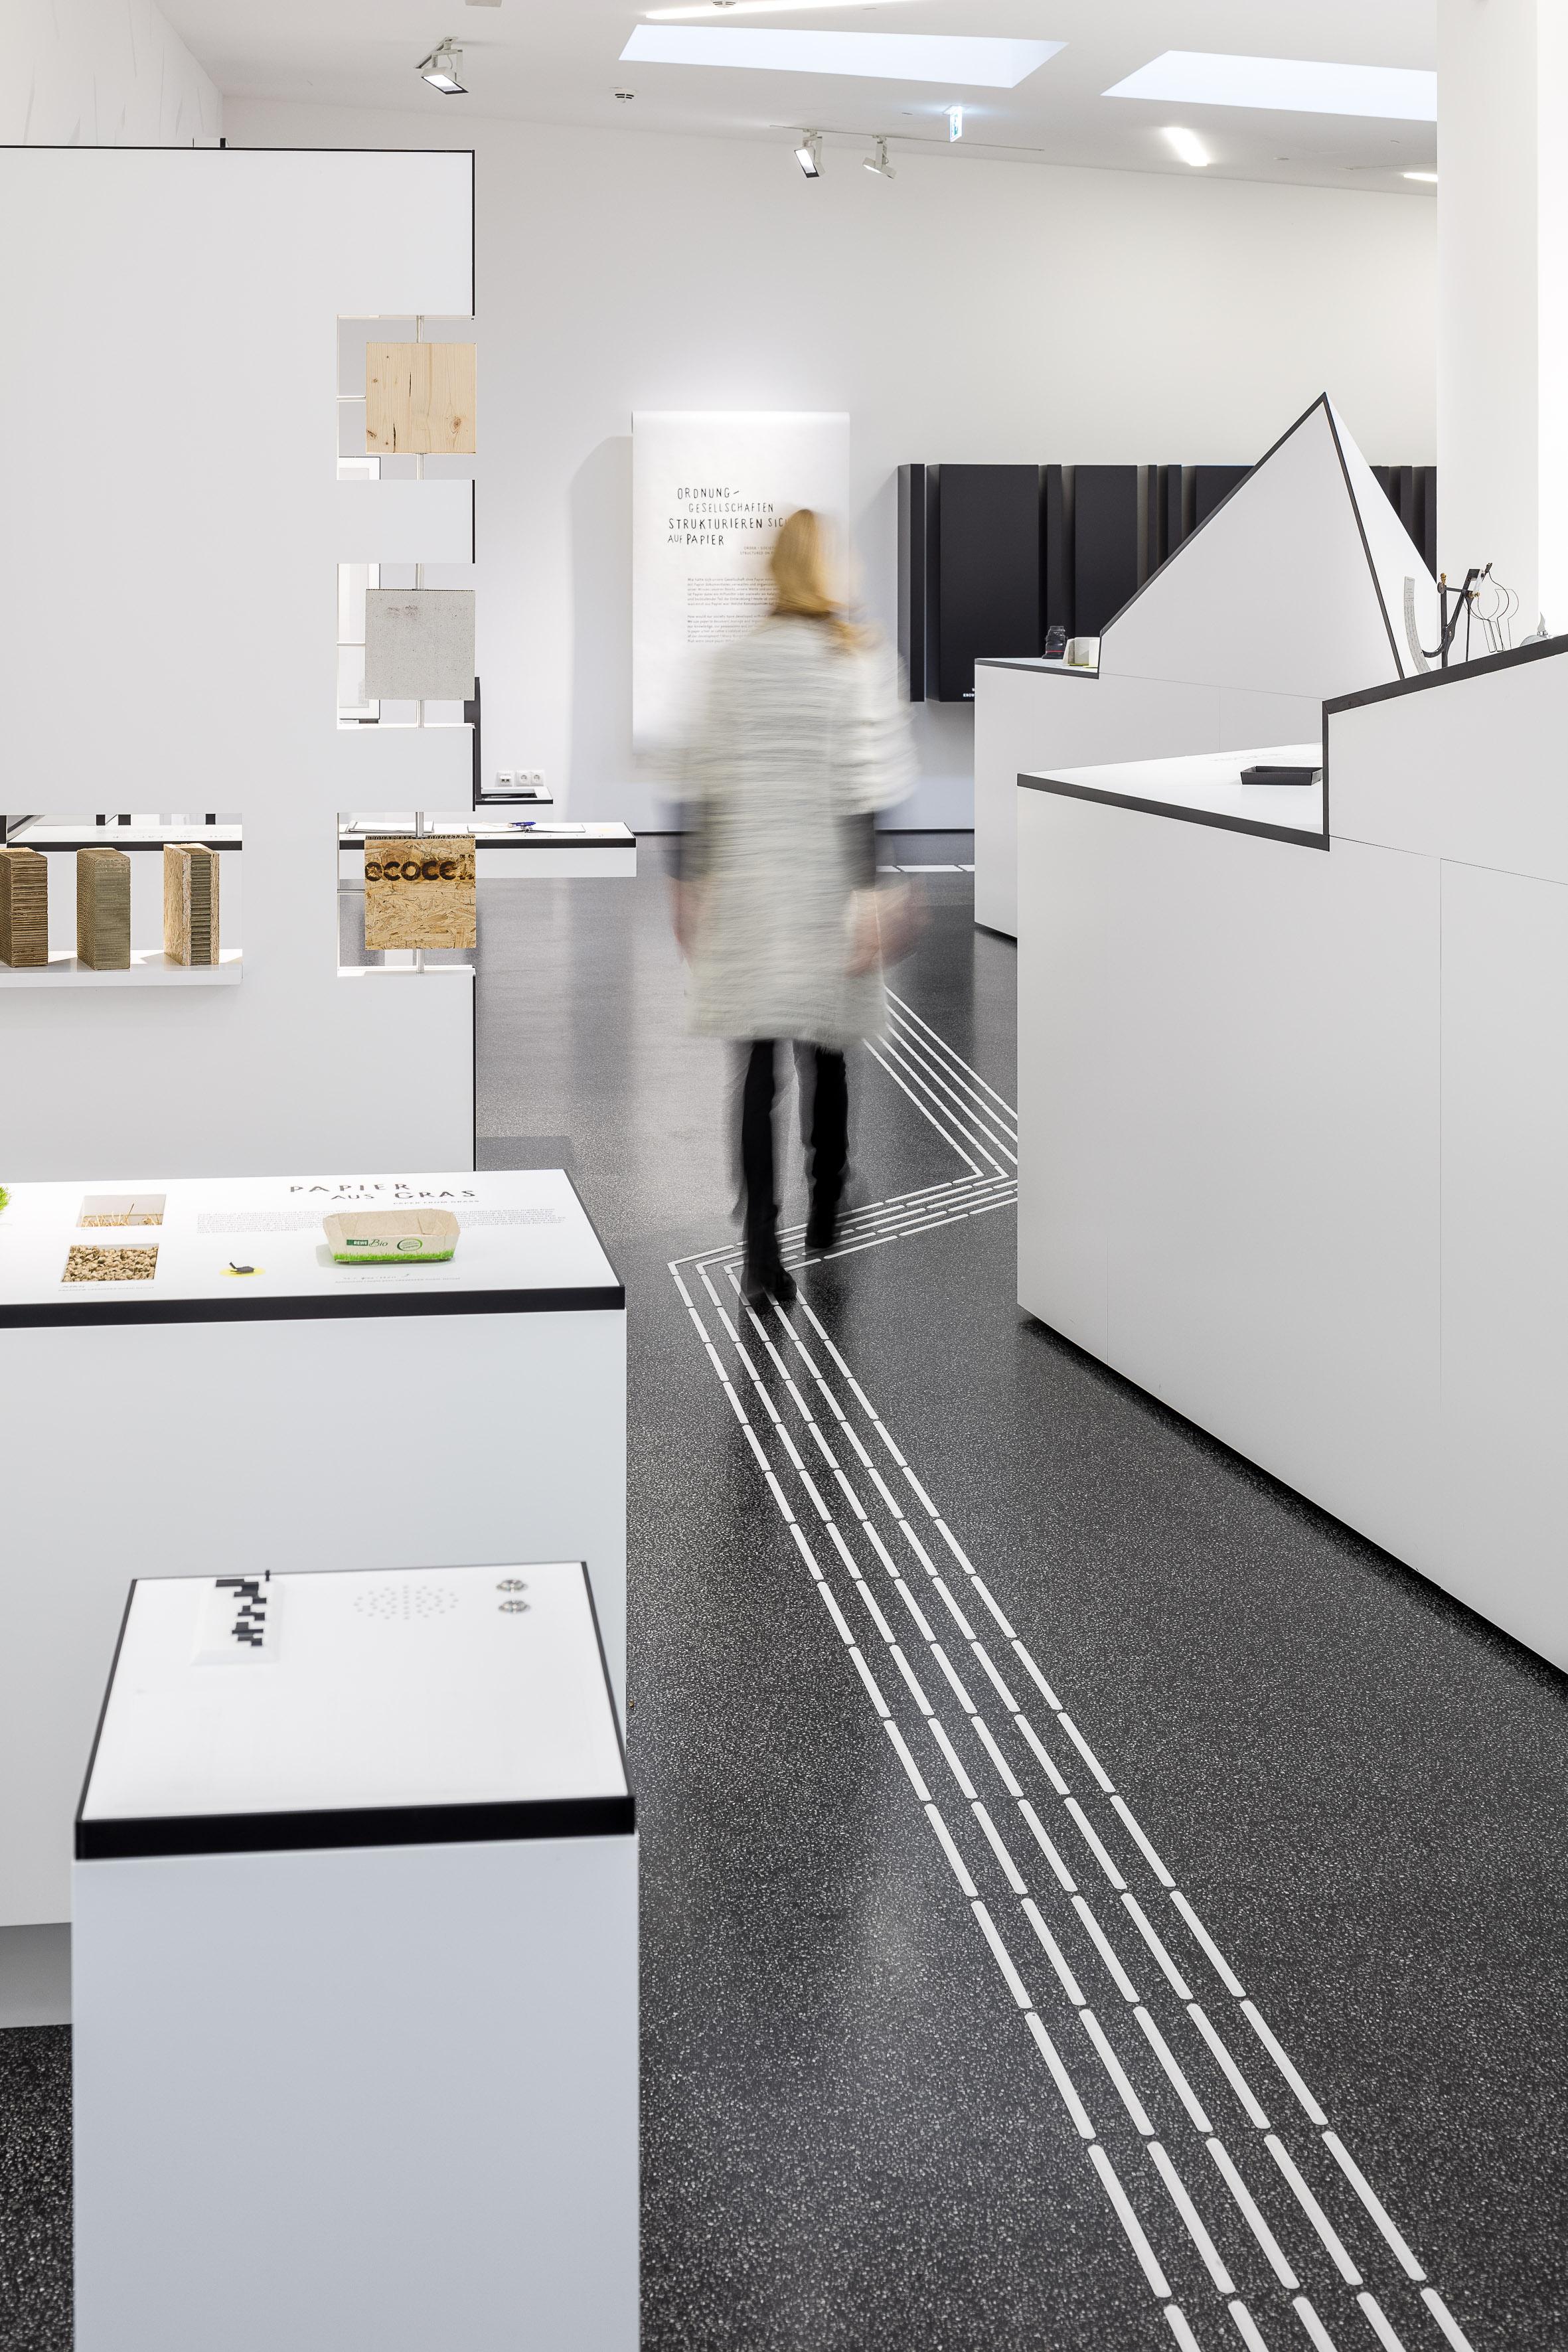 Blindenspur in der Dauerausstellung